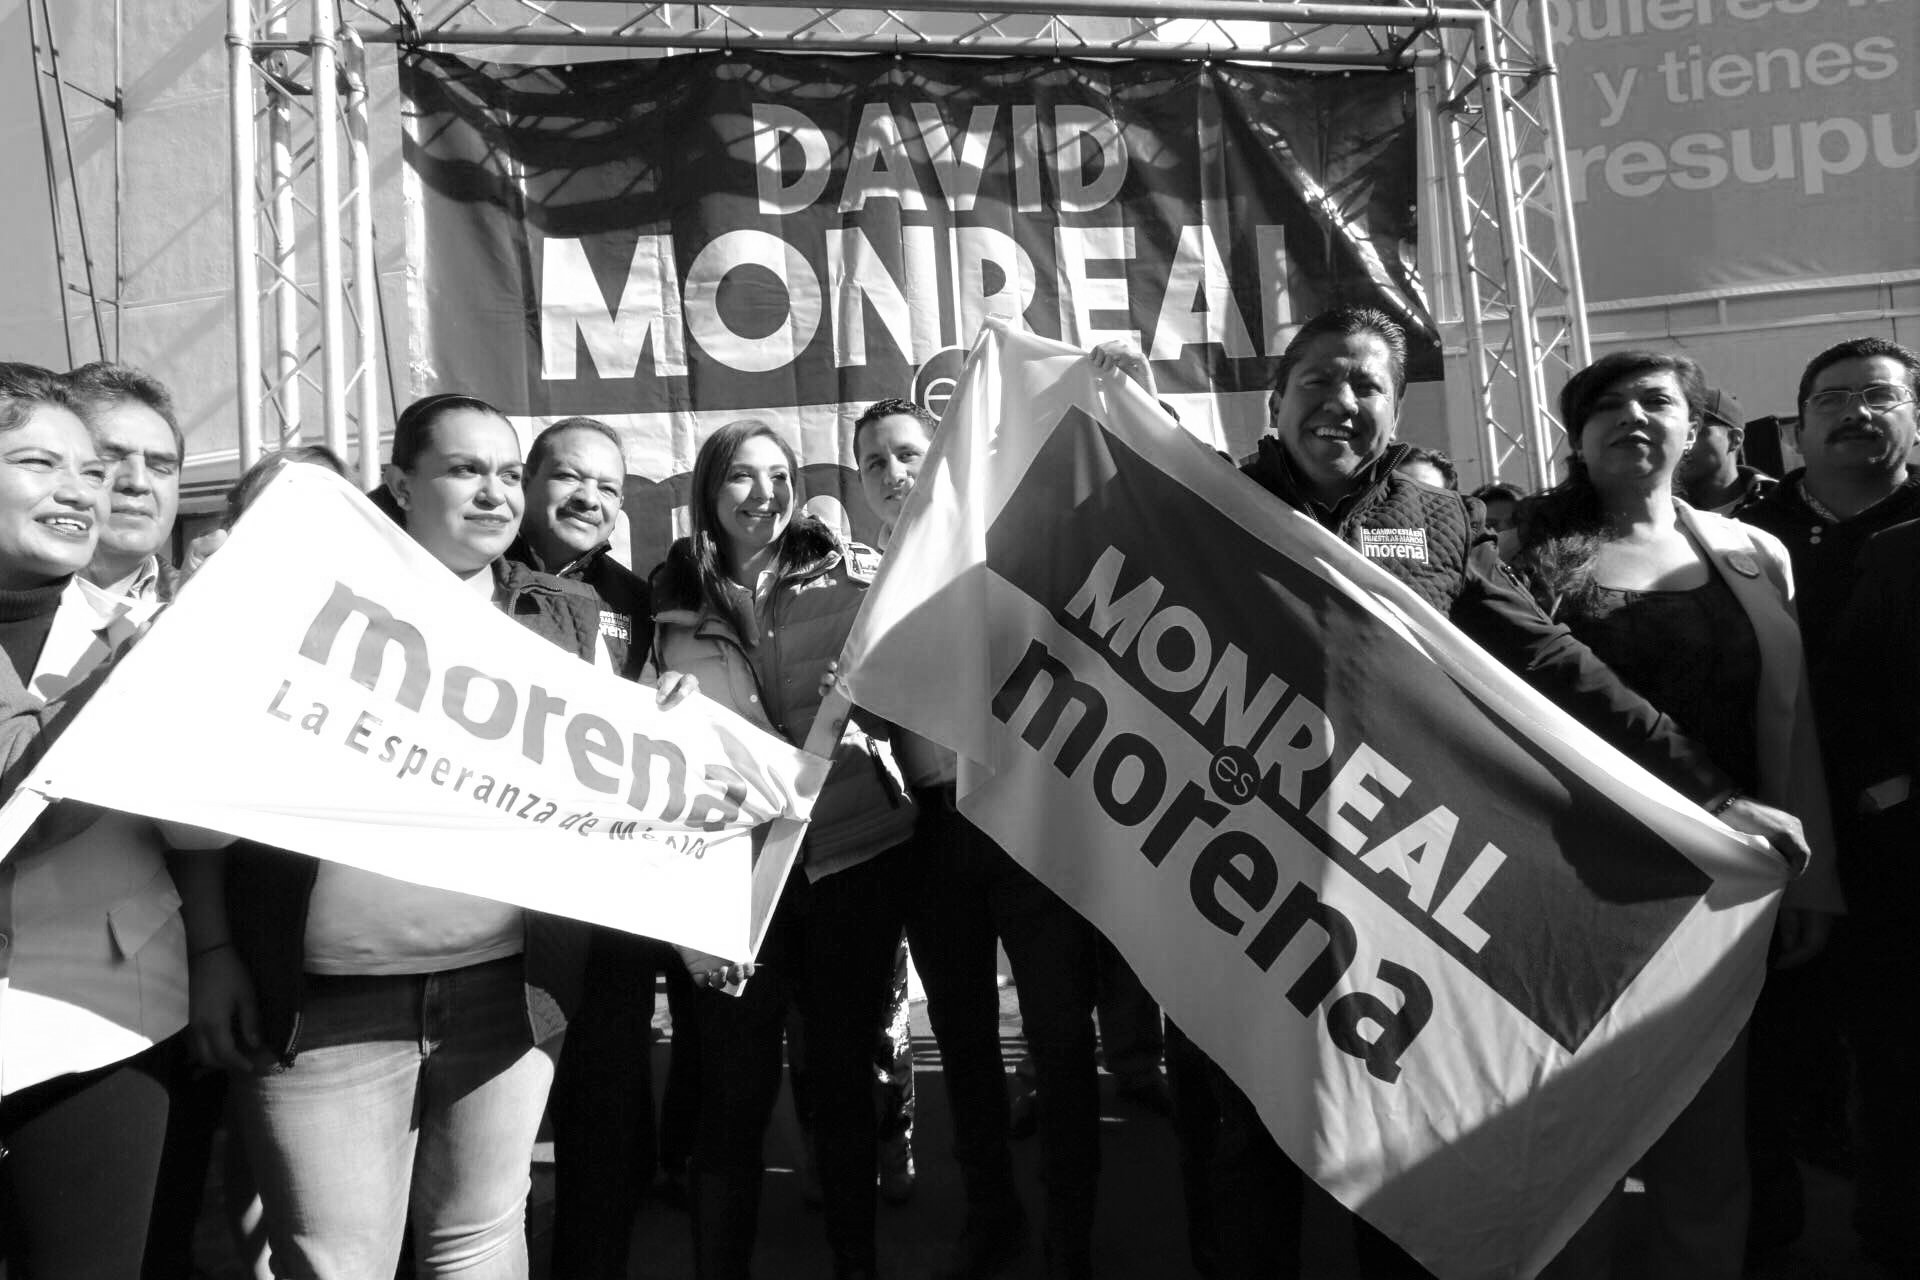 ZACATECAS, ATRAPADO EN LA VIOLENCIA: DAVID MONREAL